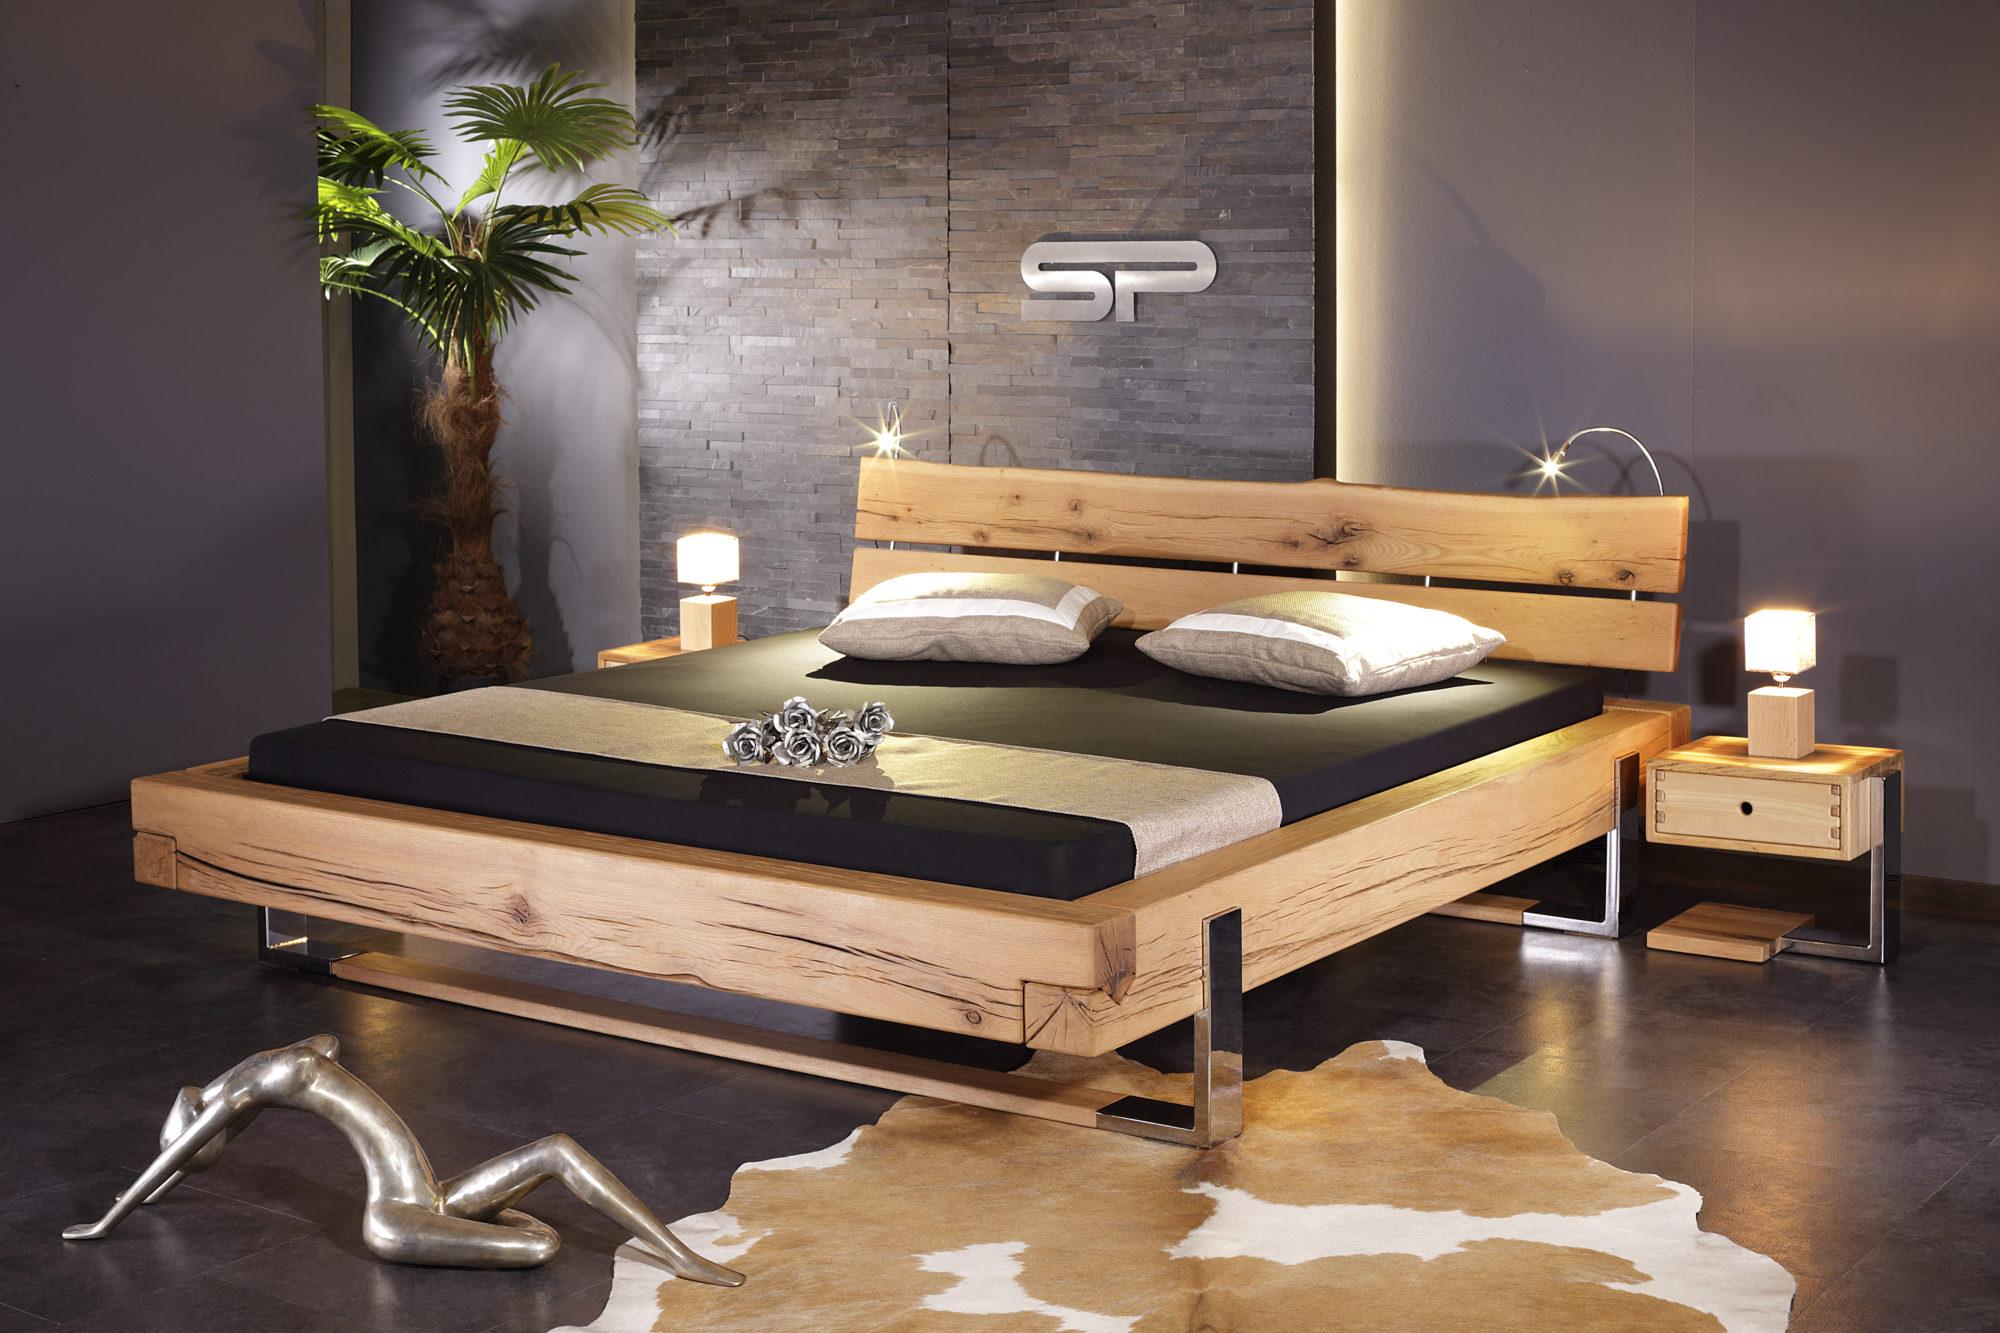 Kufen Balken Bett Sumpfeiche Sprenger Möbel